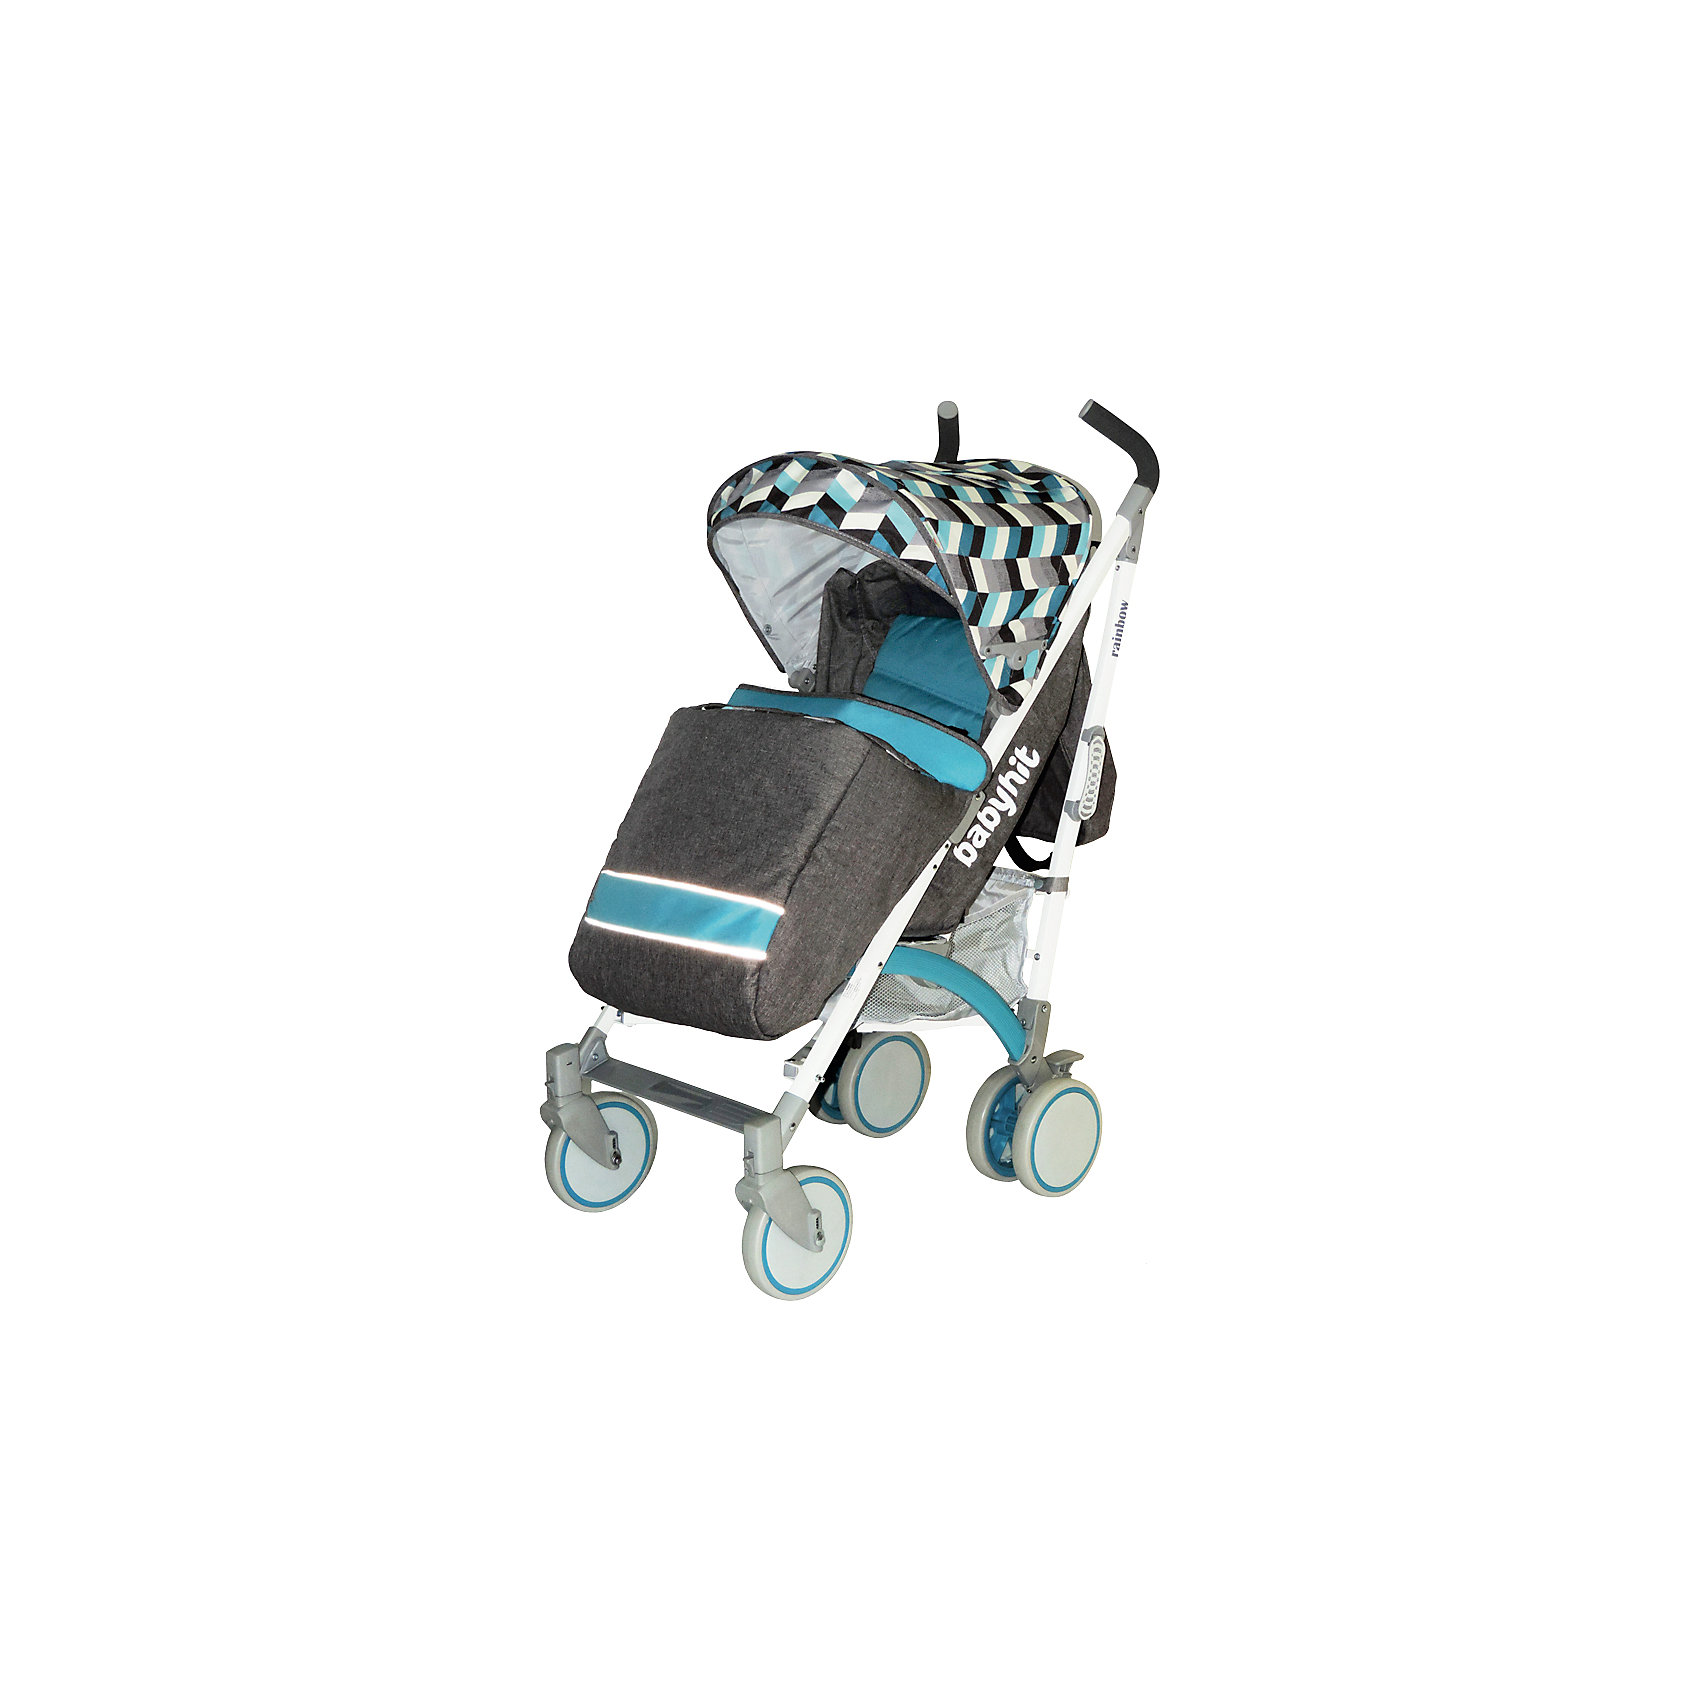 кукольная коляска трость 35 5 24 5 52 см fei li toys Baby Hit Коляска-трость RAINBOW, BabyHit, голубой/серый